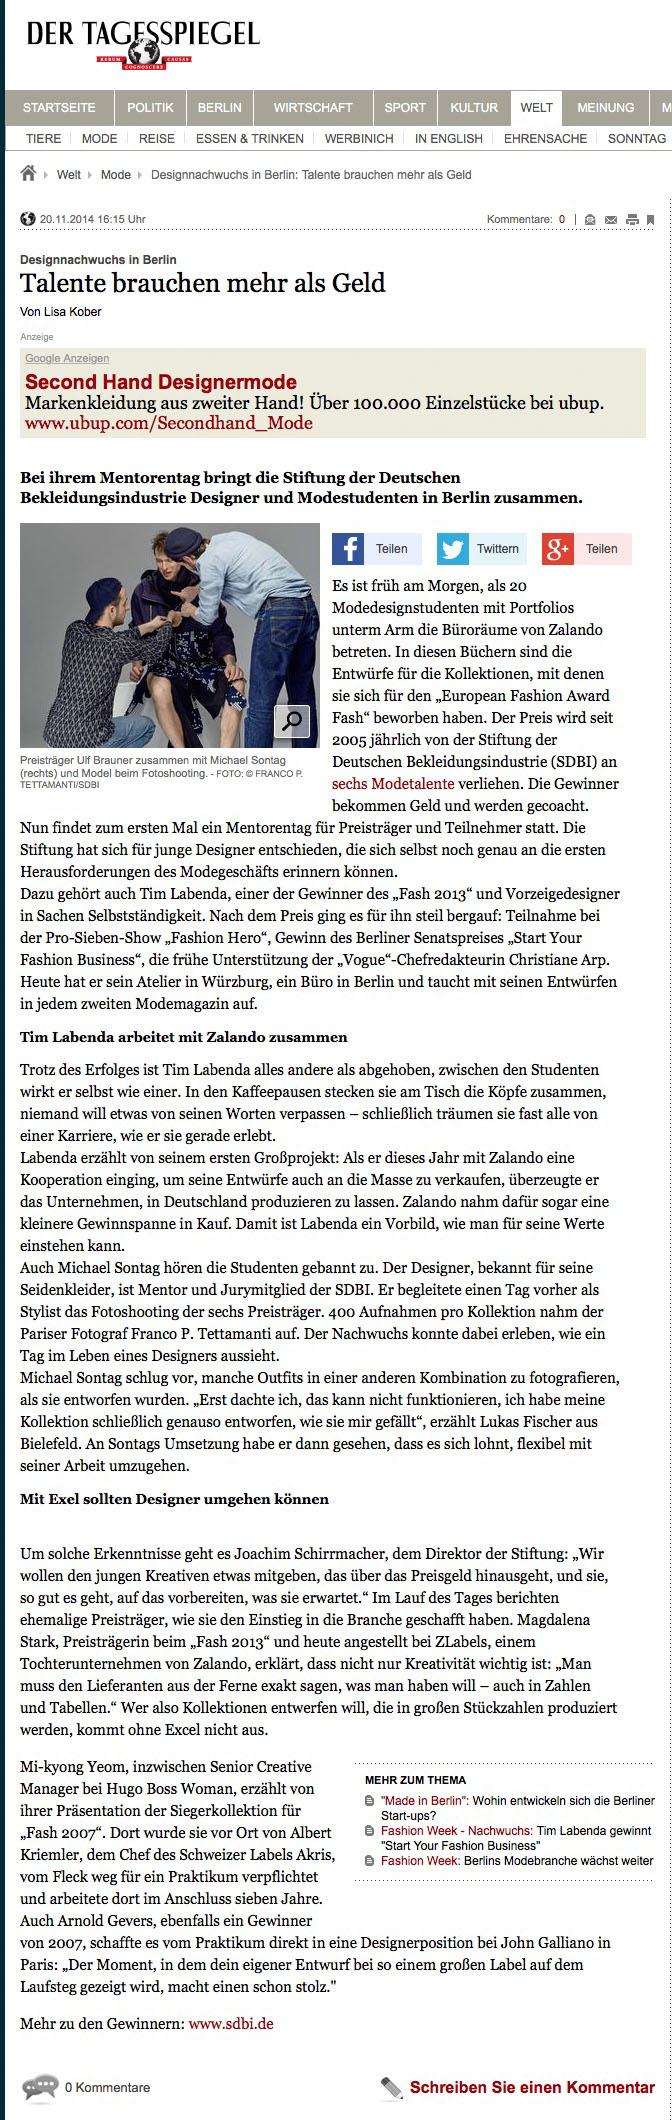 www.tagesspiegel.de-weltspiegel-mode-designnachwuchs-in-berlin-talente-brauchen-mehr-als-geld-11009402.html (20150512)